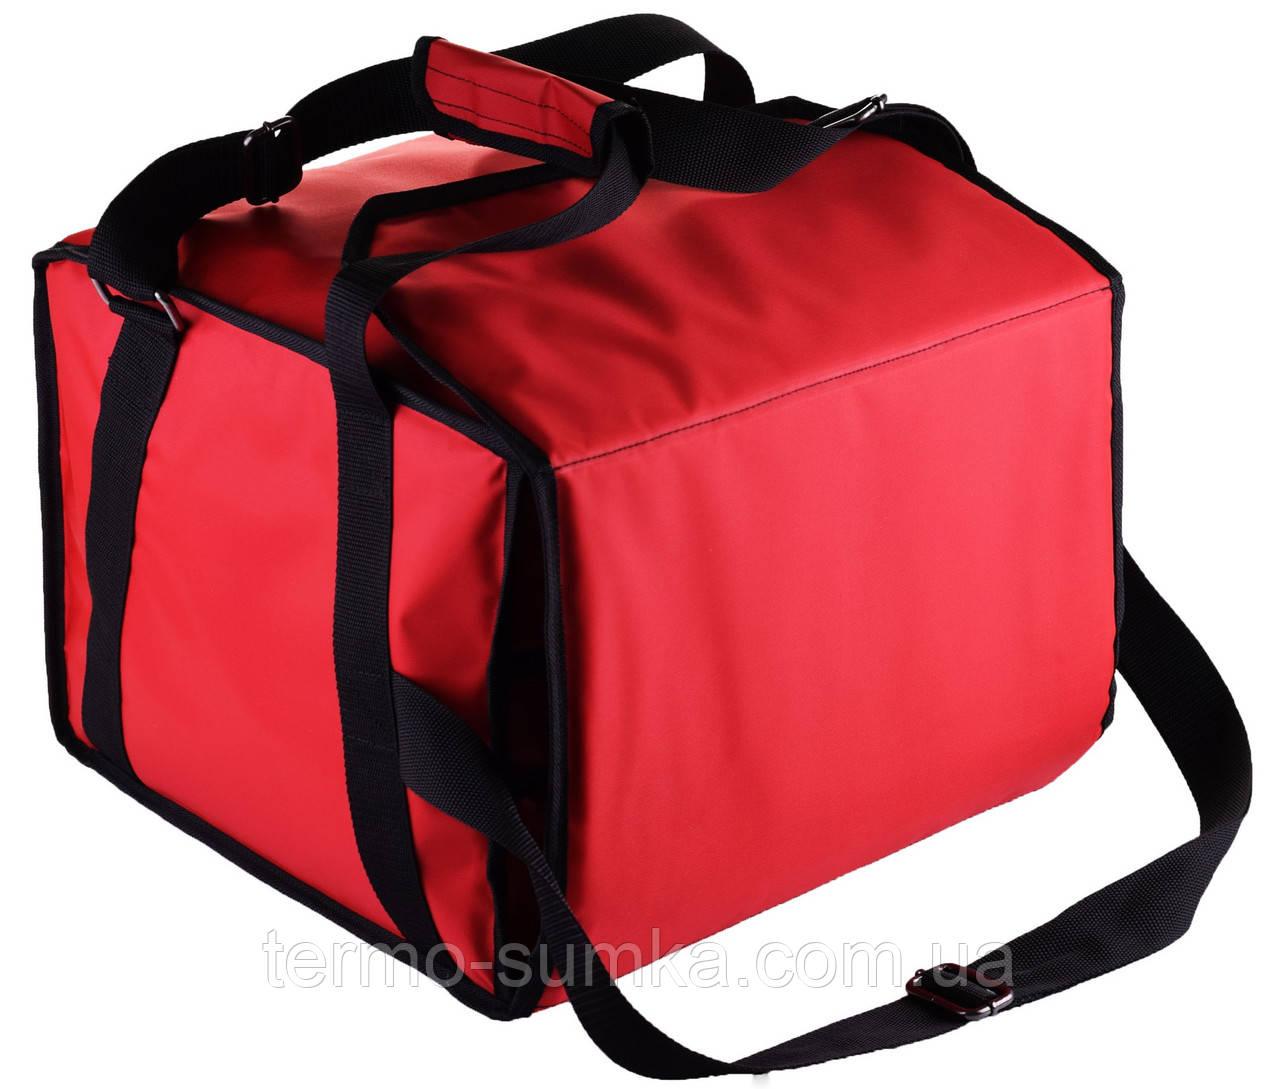 Термосумка  для пиццы  на 5-6 коробок 32*32 см. Застёжка на липучках. Красная